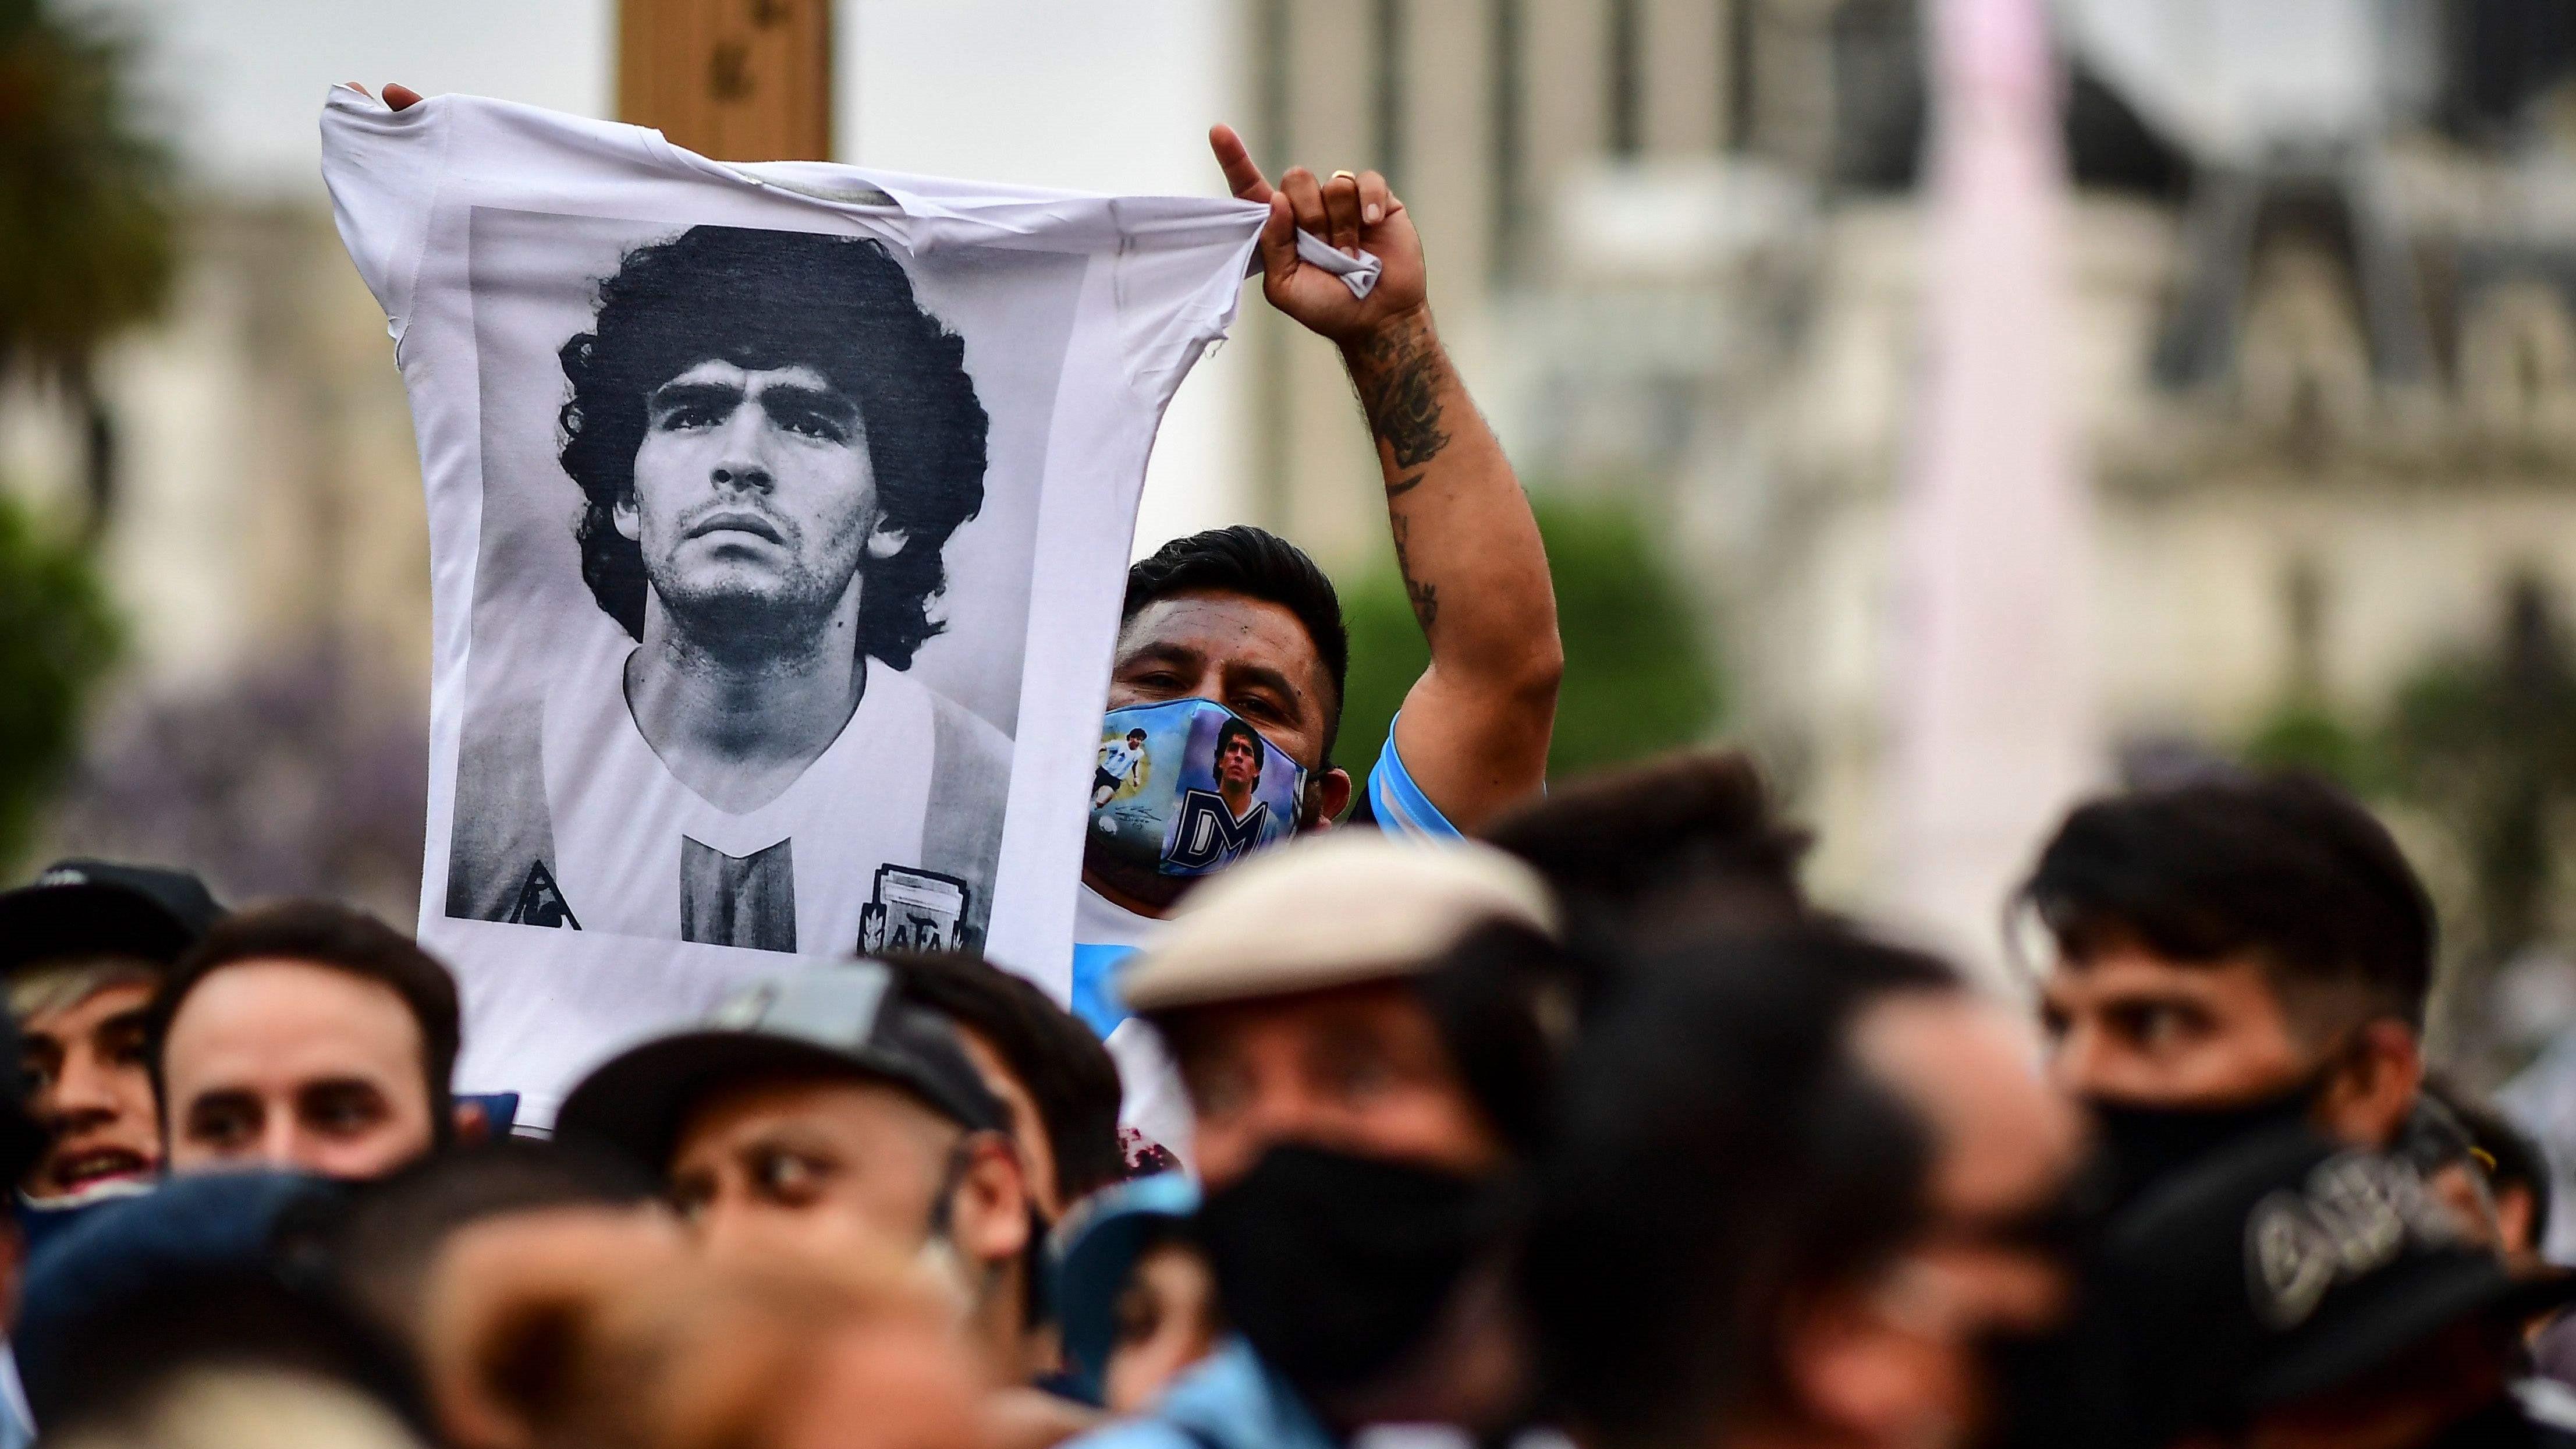 阿根廷 百万球迷与马拉多纳遗体告别